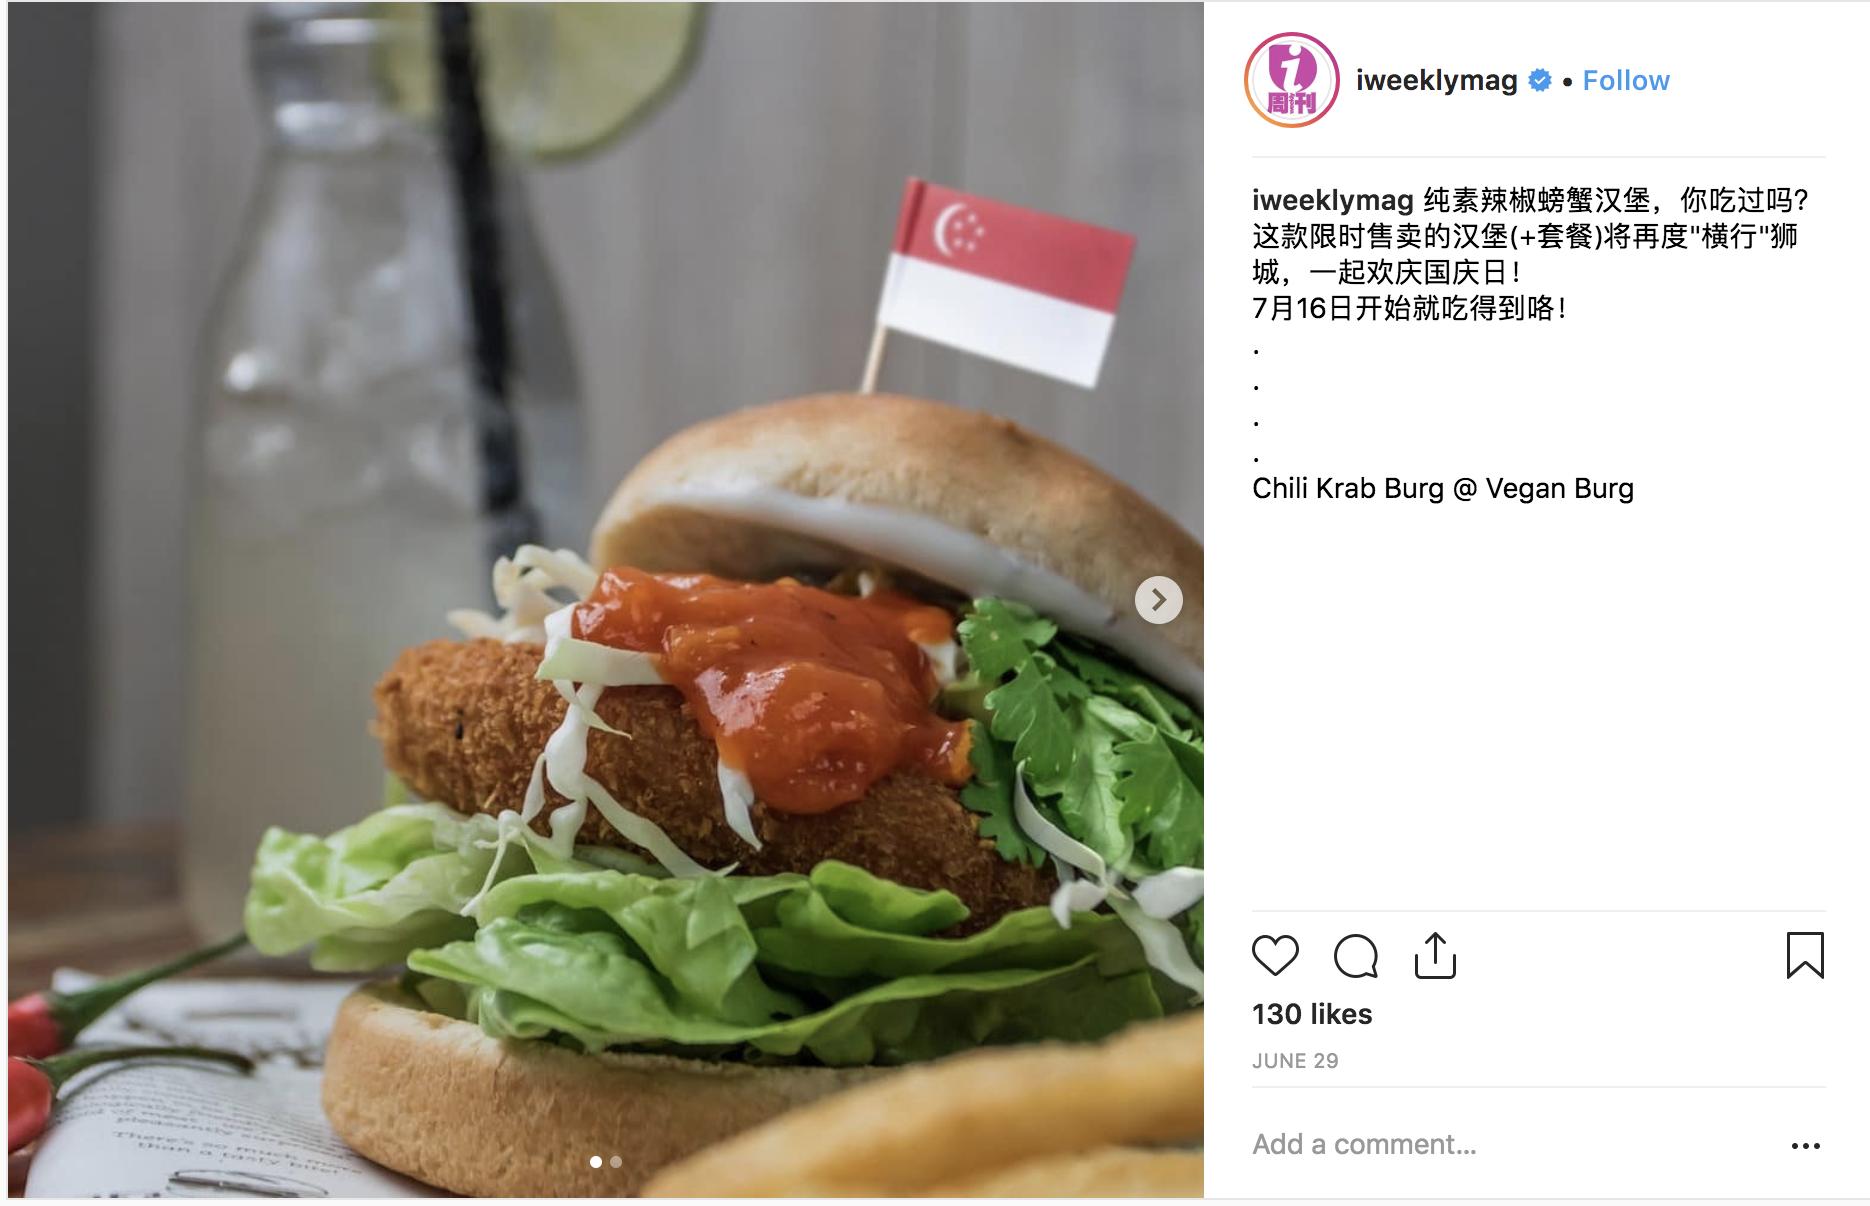 iWeekly Instagram_ 纯素辣椒螃蟹汉堡,你吃过吗? 这款限时售卖的汉堡(+套餐)将再度_横行_狮城,一起欢庆国庆日! 7月16日开始就吃得到咯!.png